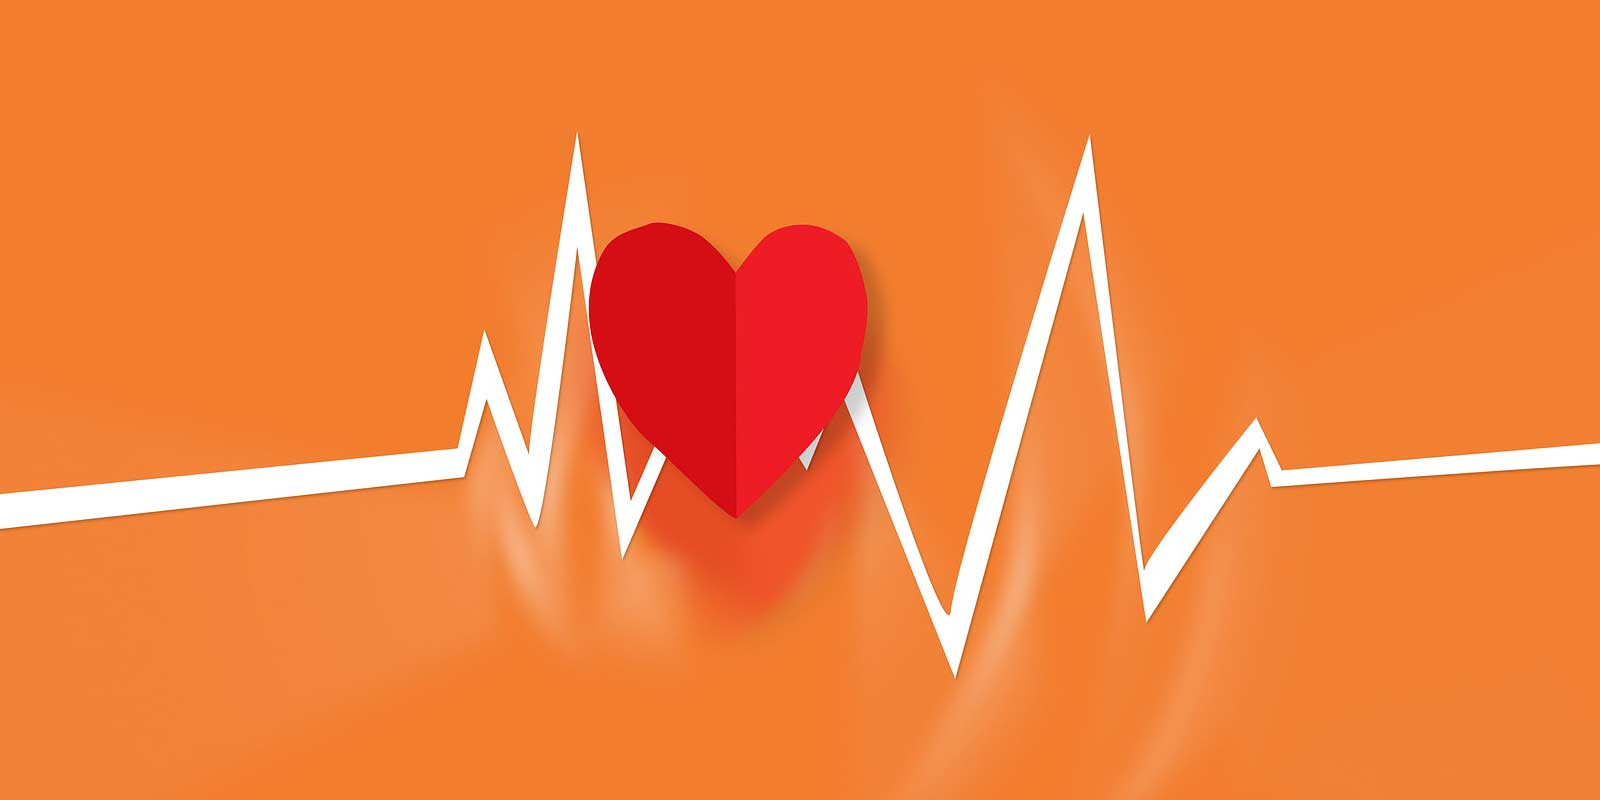 Saunování snižuje pravděpodobnost onemocnění srdce